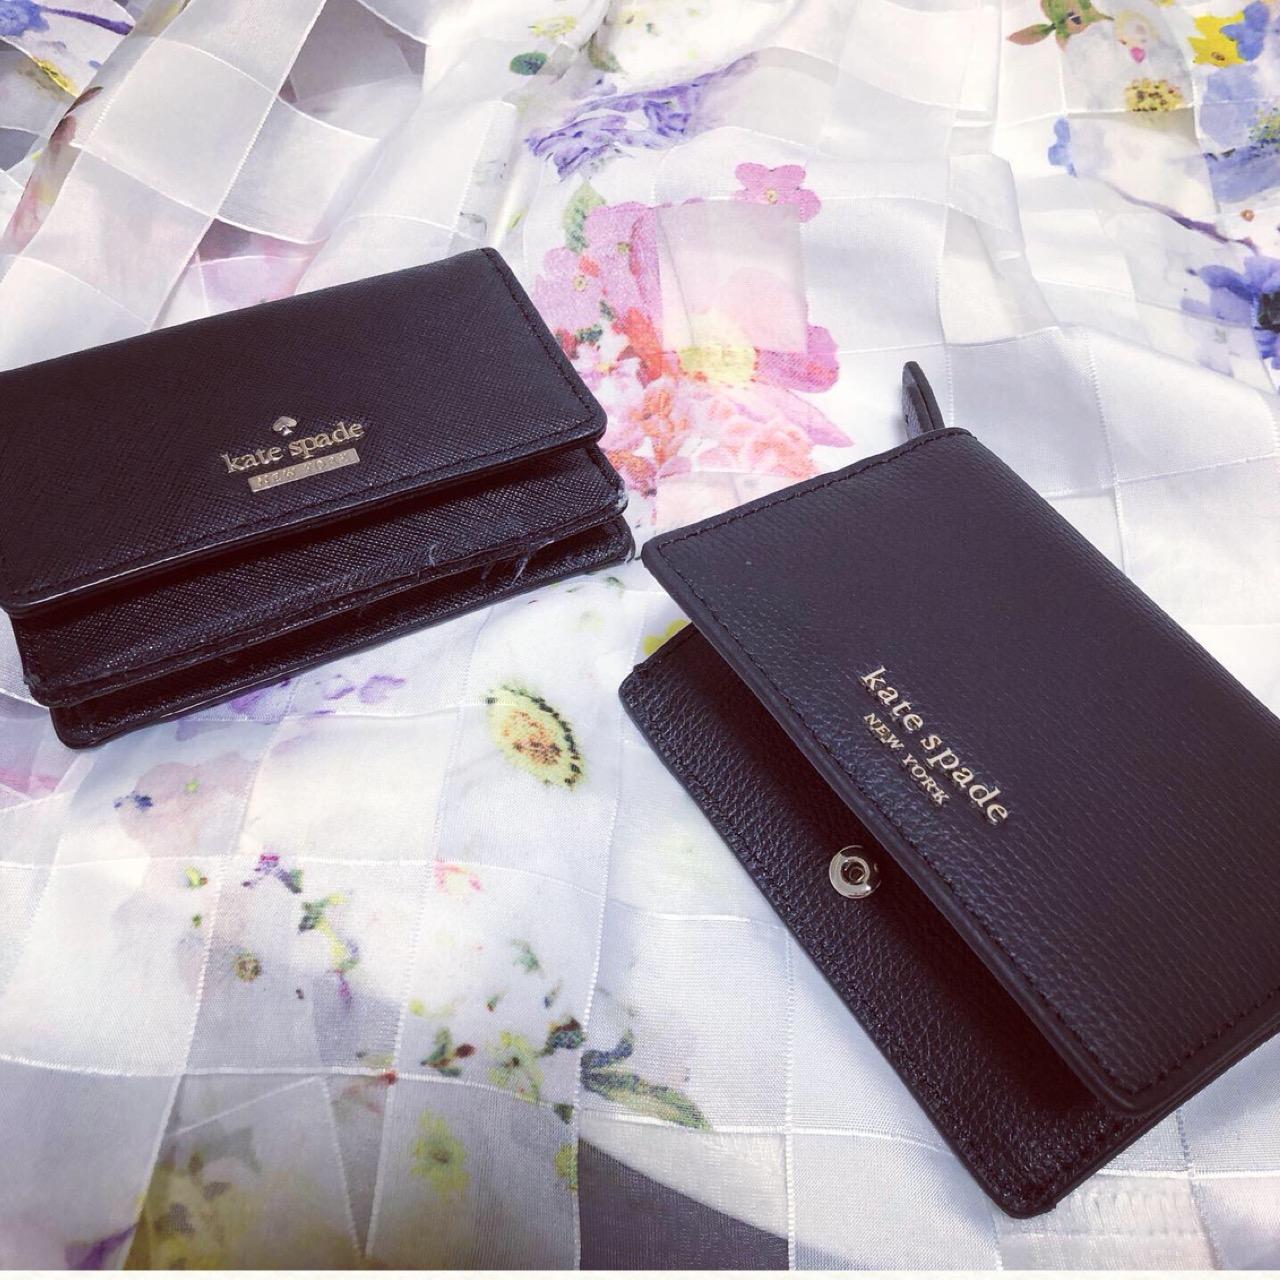 <ミニ財布>パスケースにも使える!最強のコンパクト財布ならケイトスペードが超オススメ!♡_4